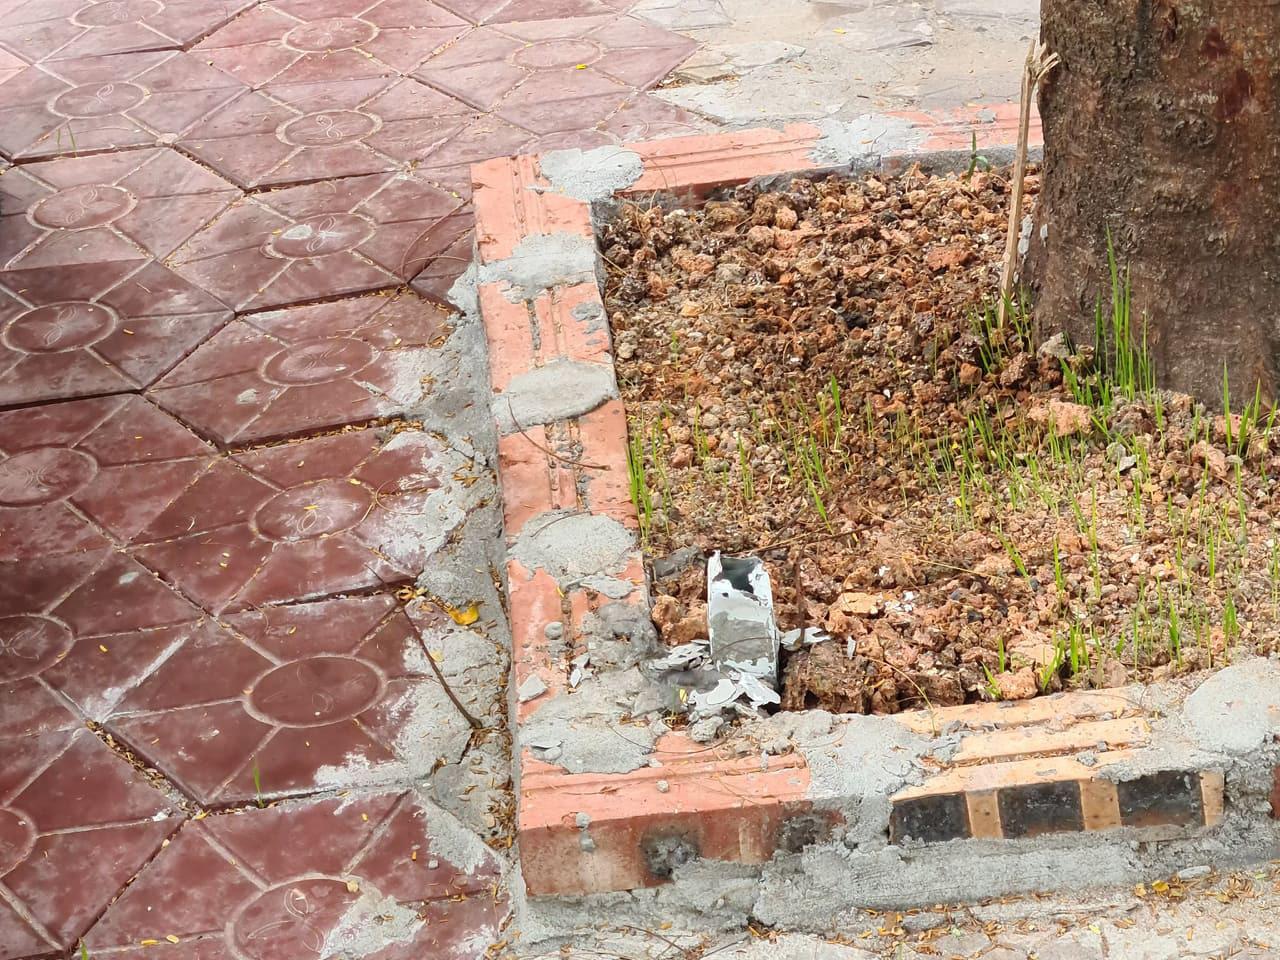 Hải Phòng: Yêu cầu xác minh, làm rõ việc cọc sắt chôn dày đặc trên phố gây nguy hiểm cho người dân - Ảnh 4.